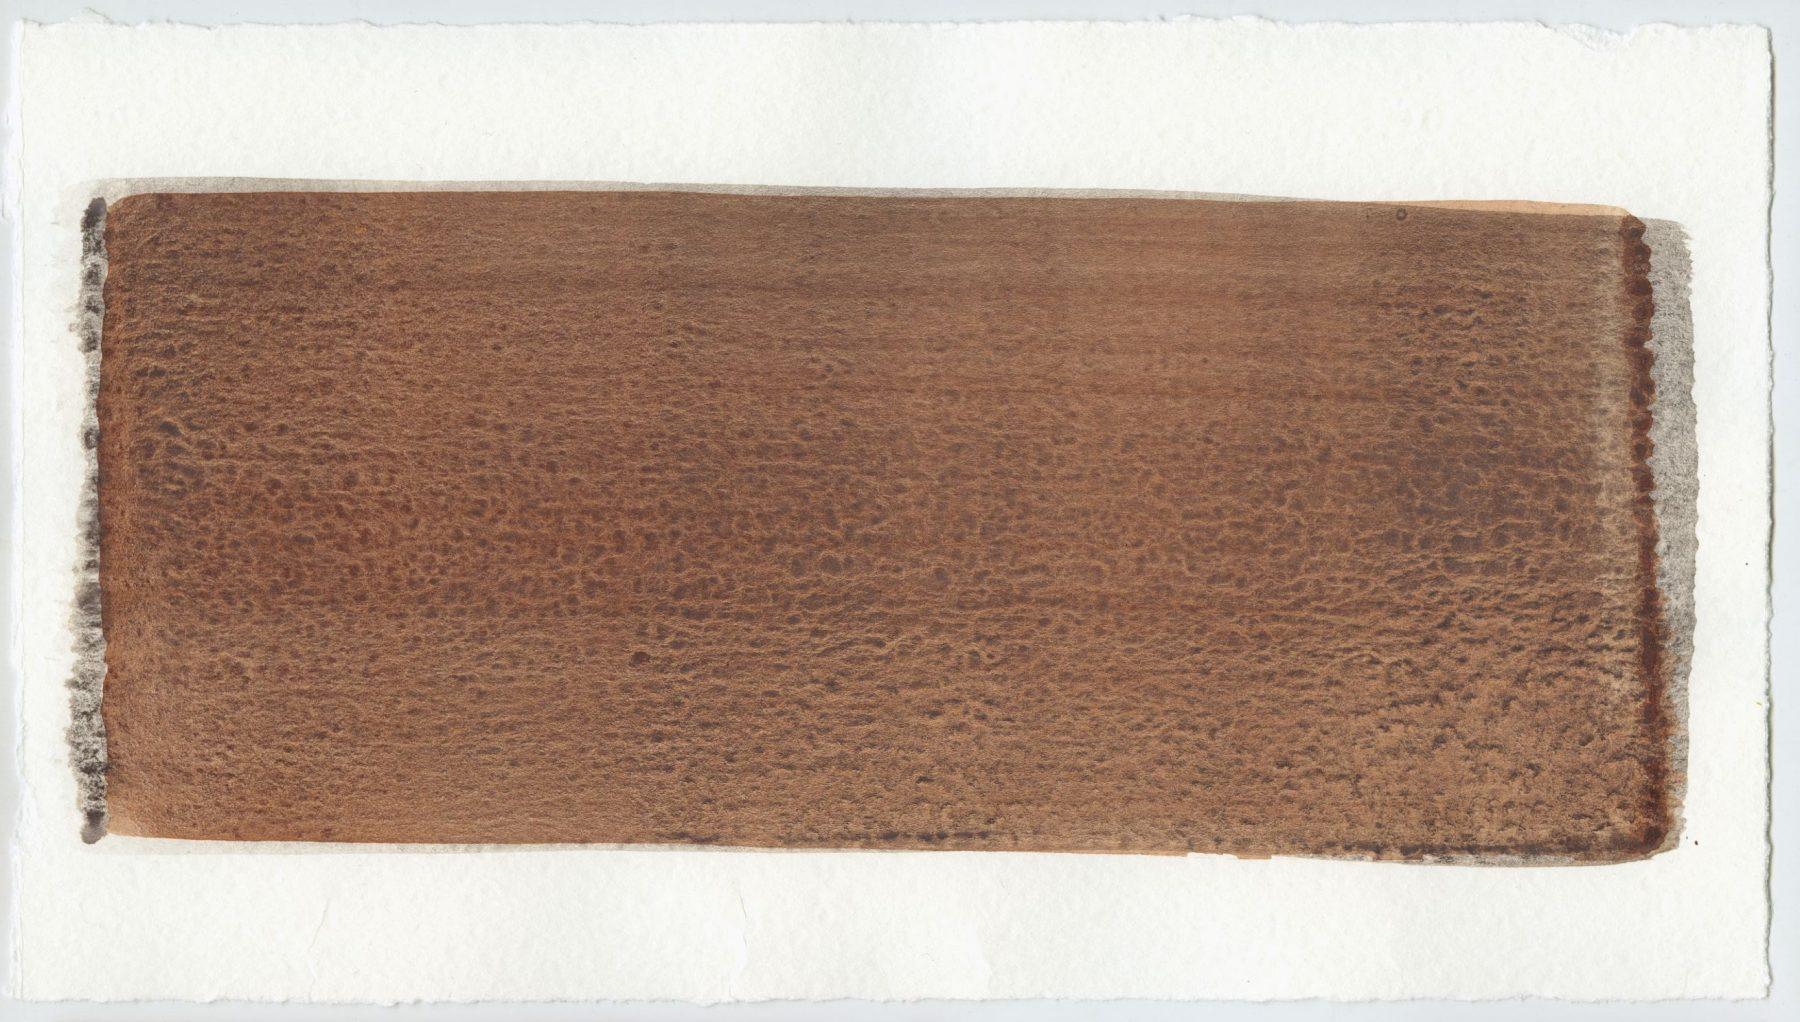 Brush stroke no. 63 - Selfmade pigment: IJzeroer gebrand, Mortel paarsgrijs middel